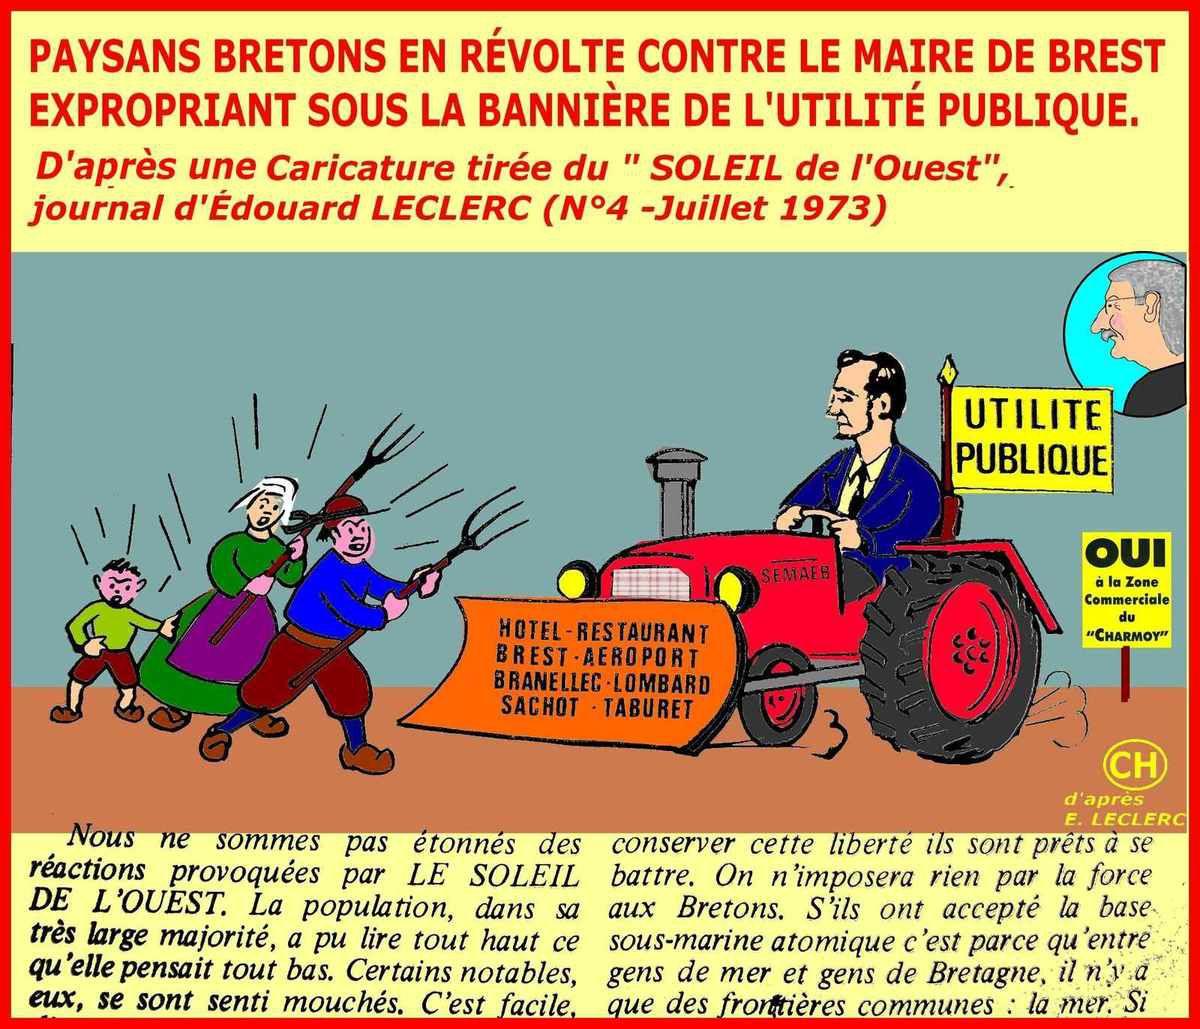 Paysans bretons en révolte